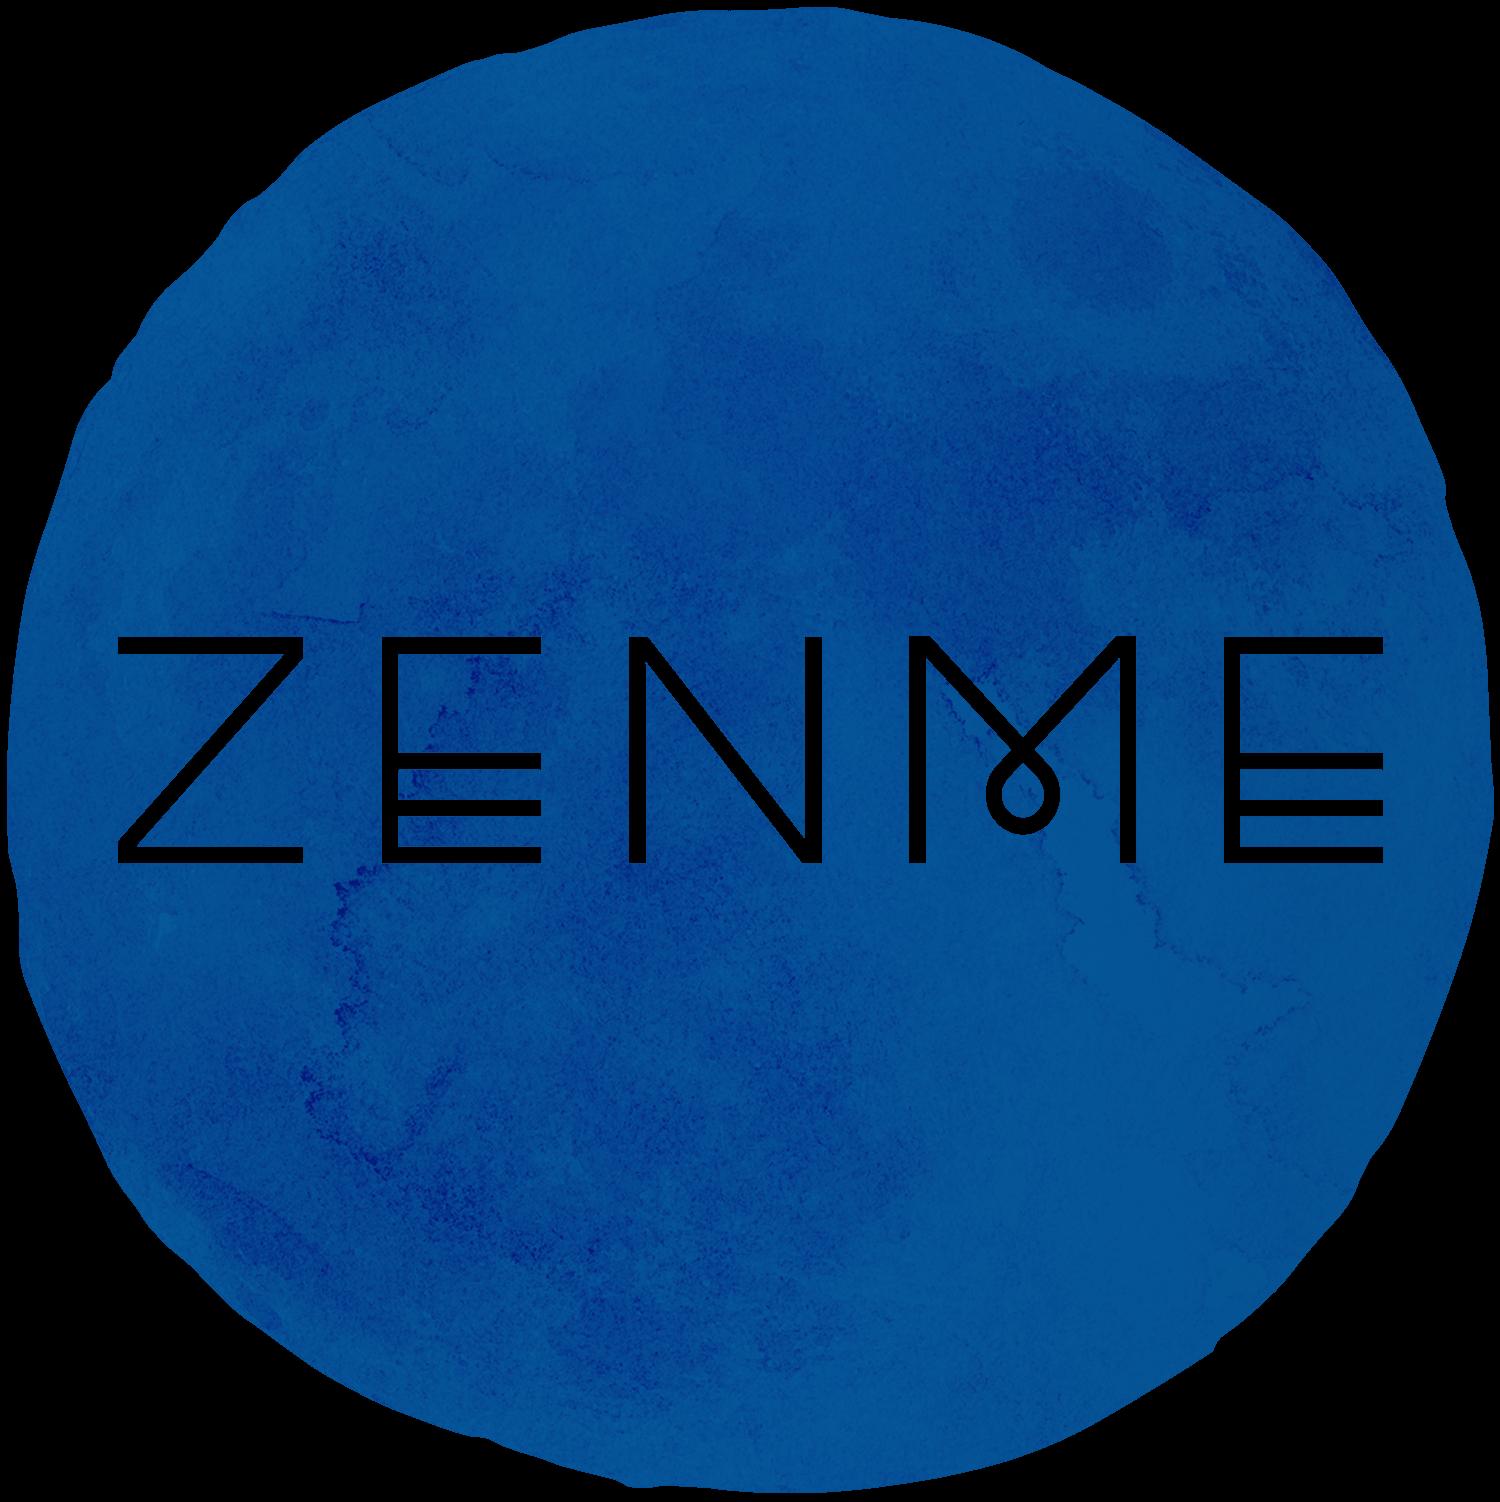 Zenme logo